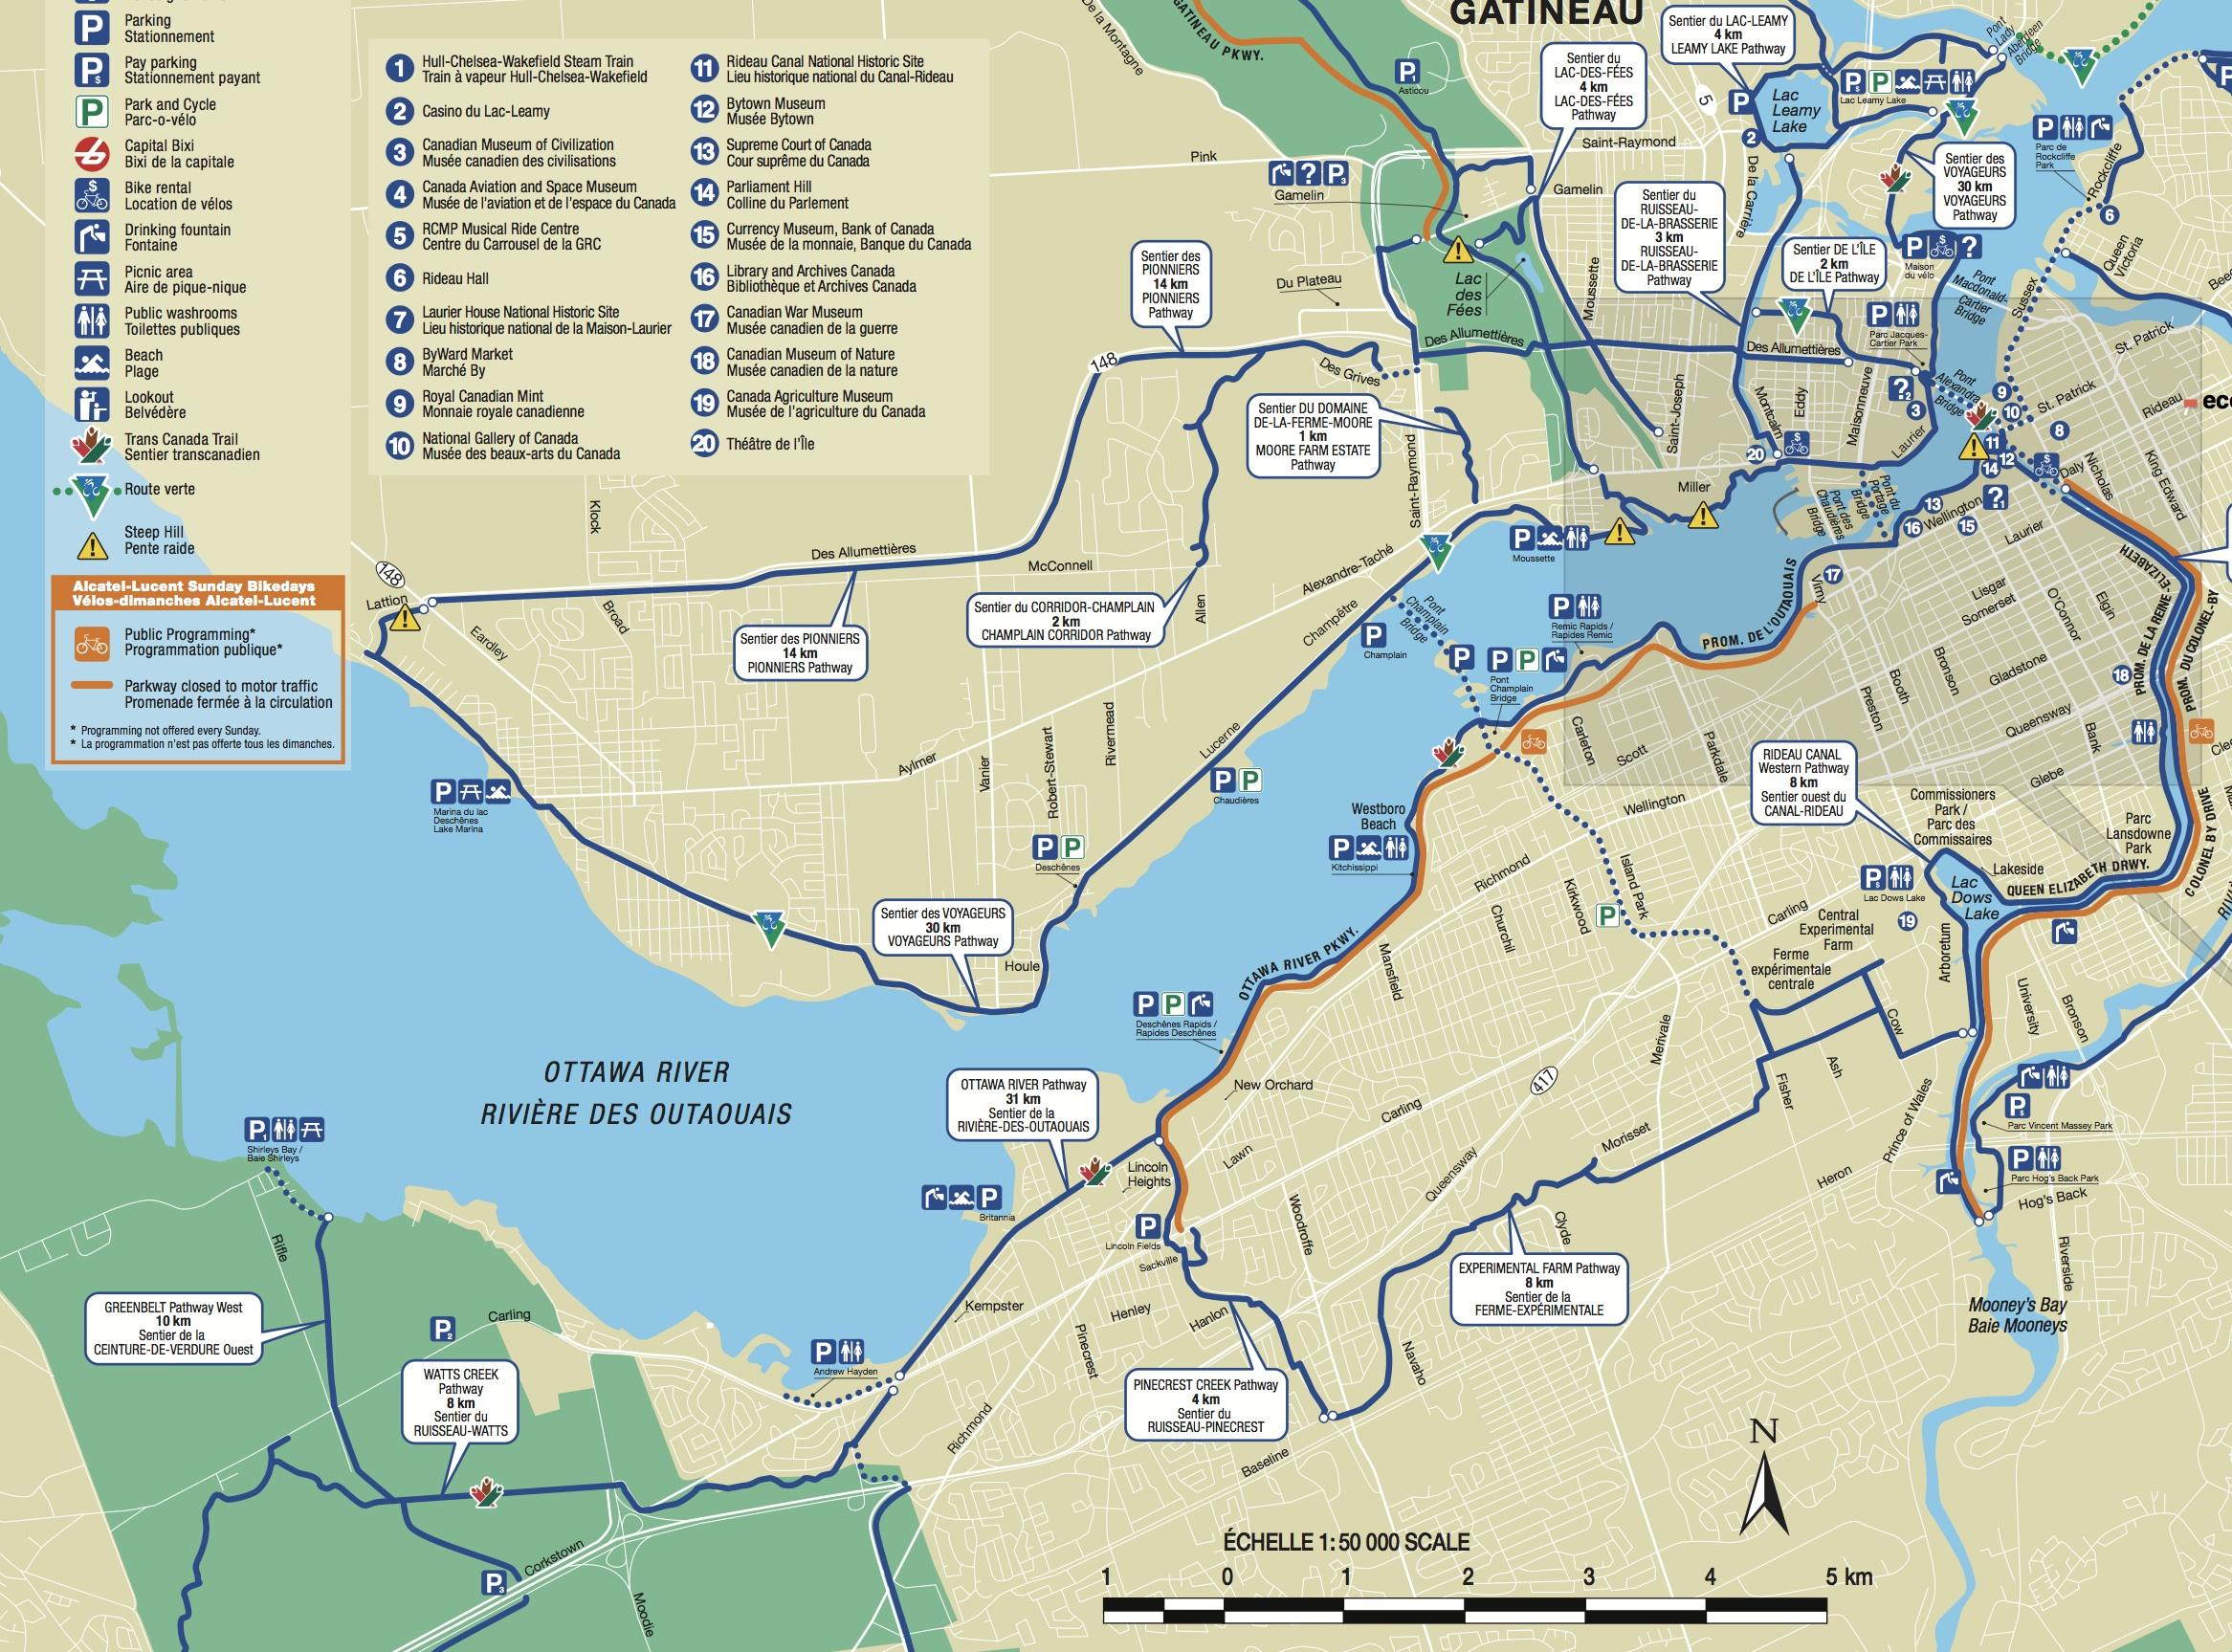 Eastern Ontario Bicycle Tour Plan Toronto to Ottawa via the Side